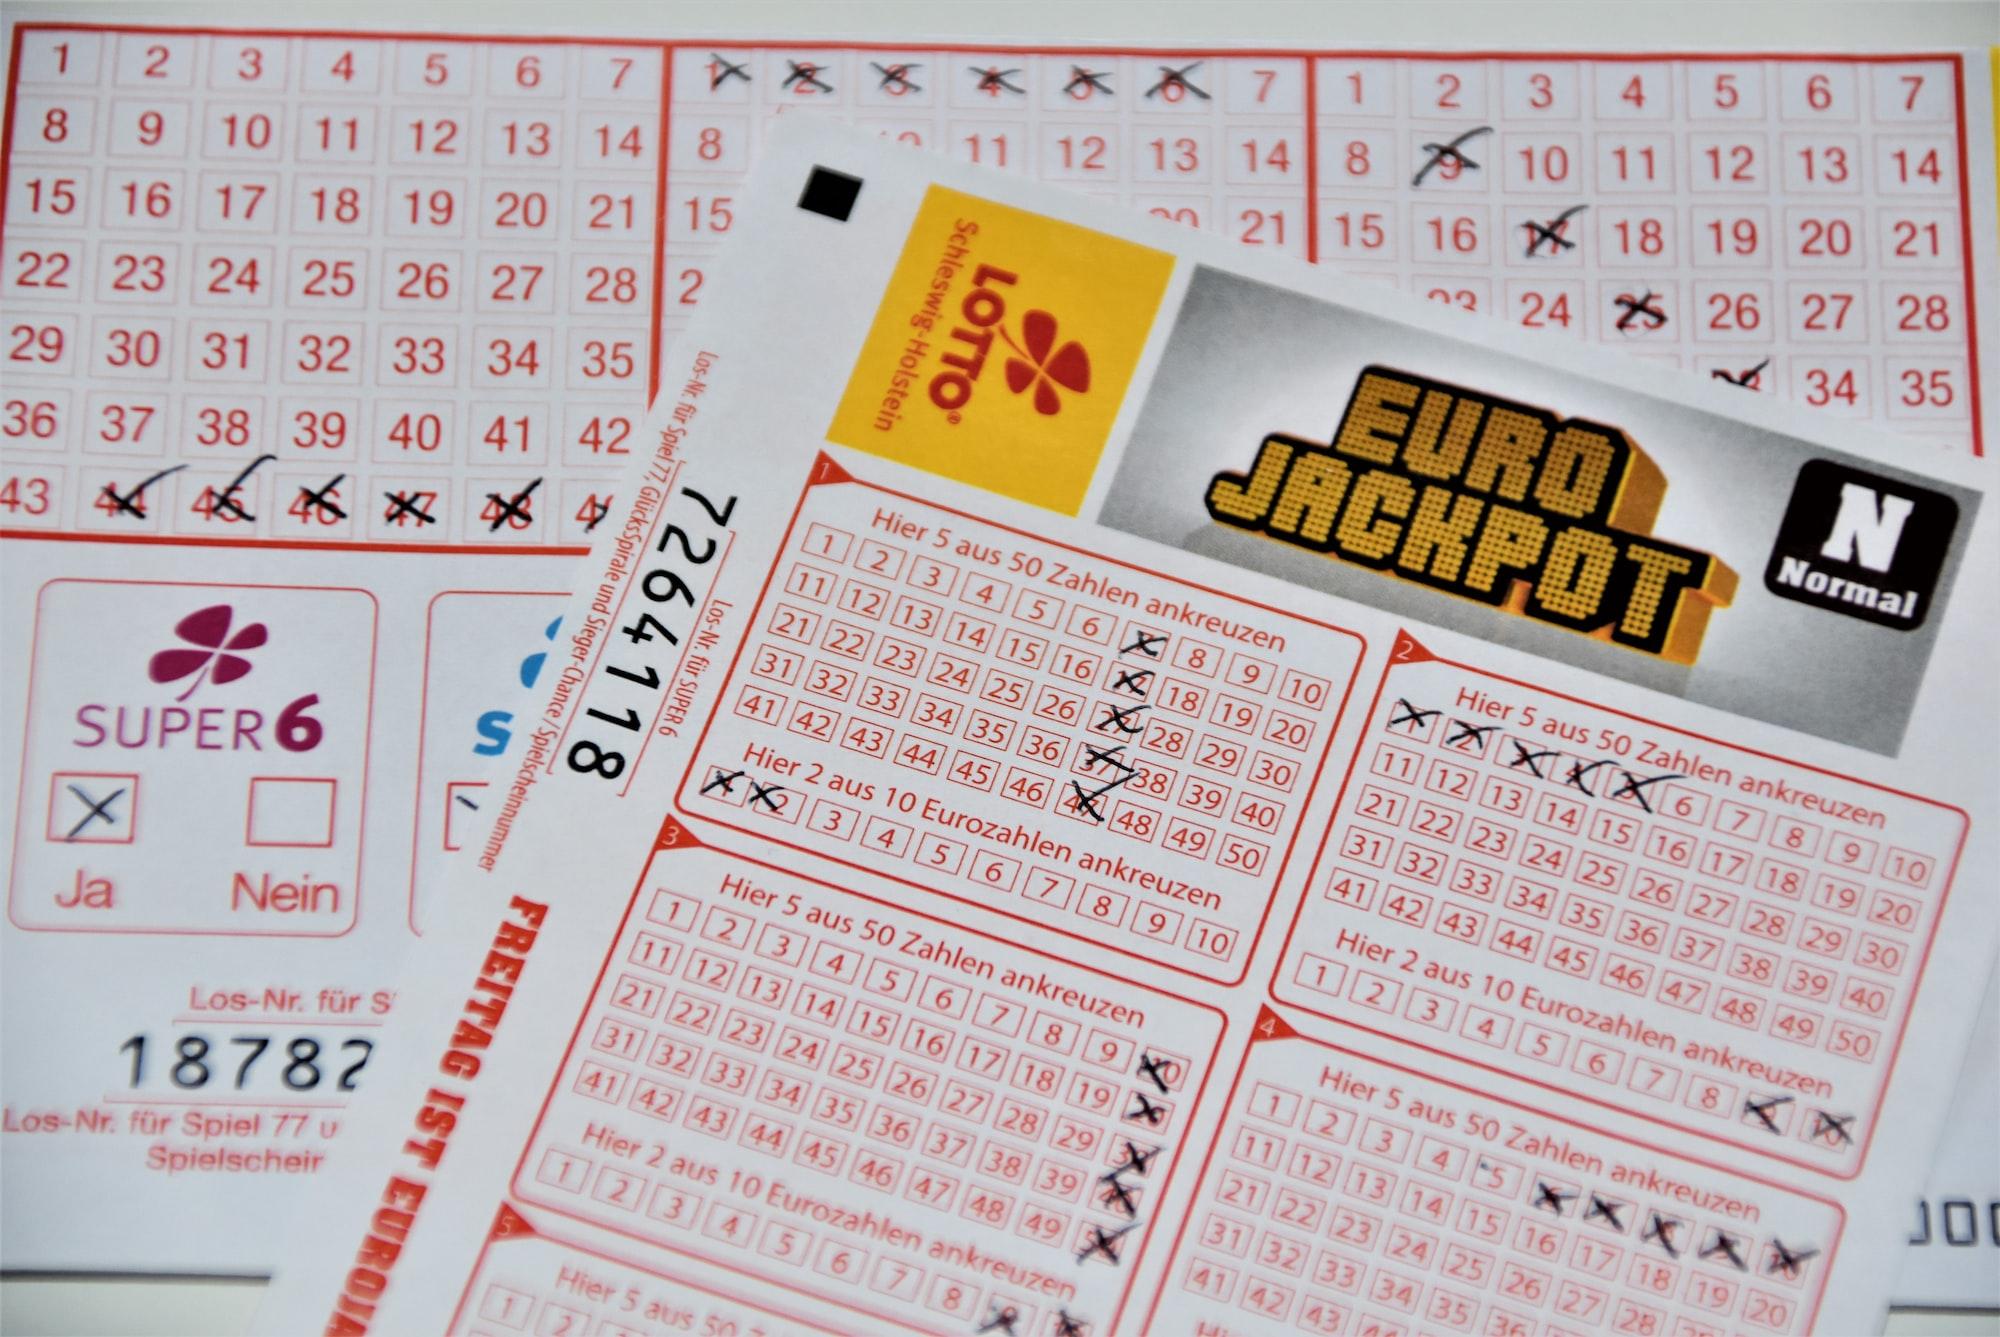 Estrazioni Lotto, Superenalotto e 10eLotto 21/09/21: i numeri vincenti